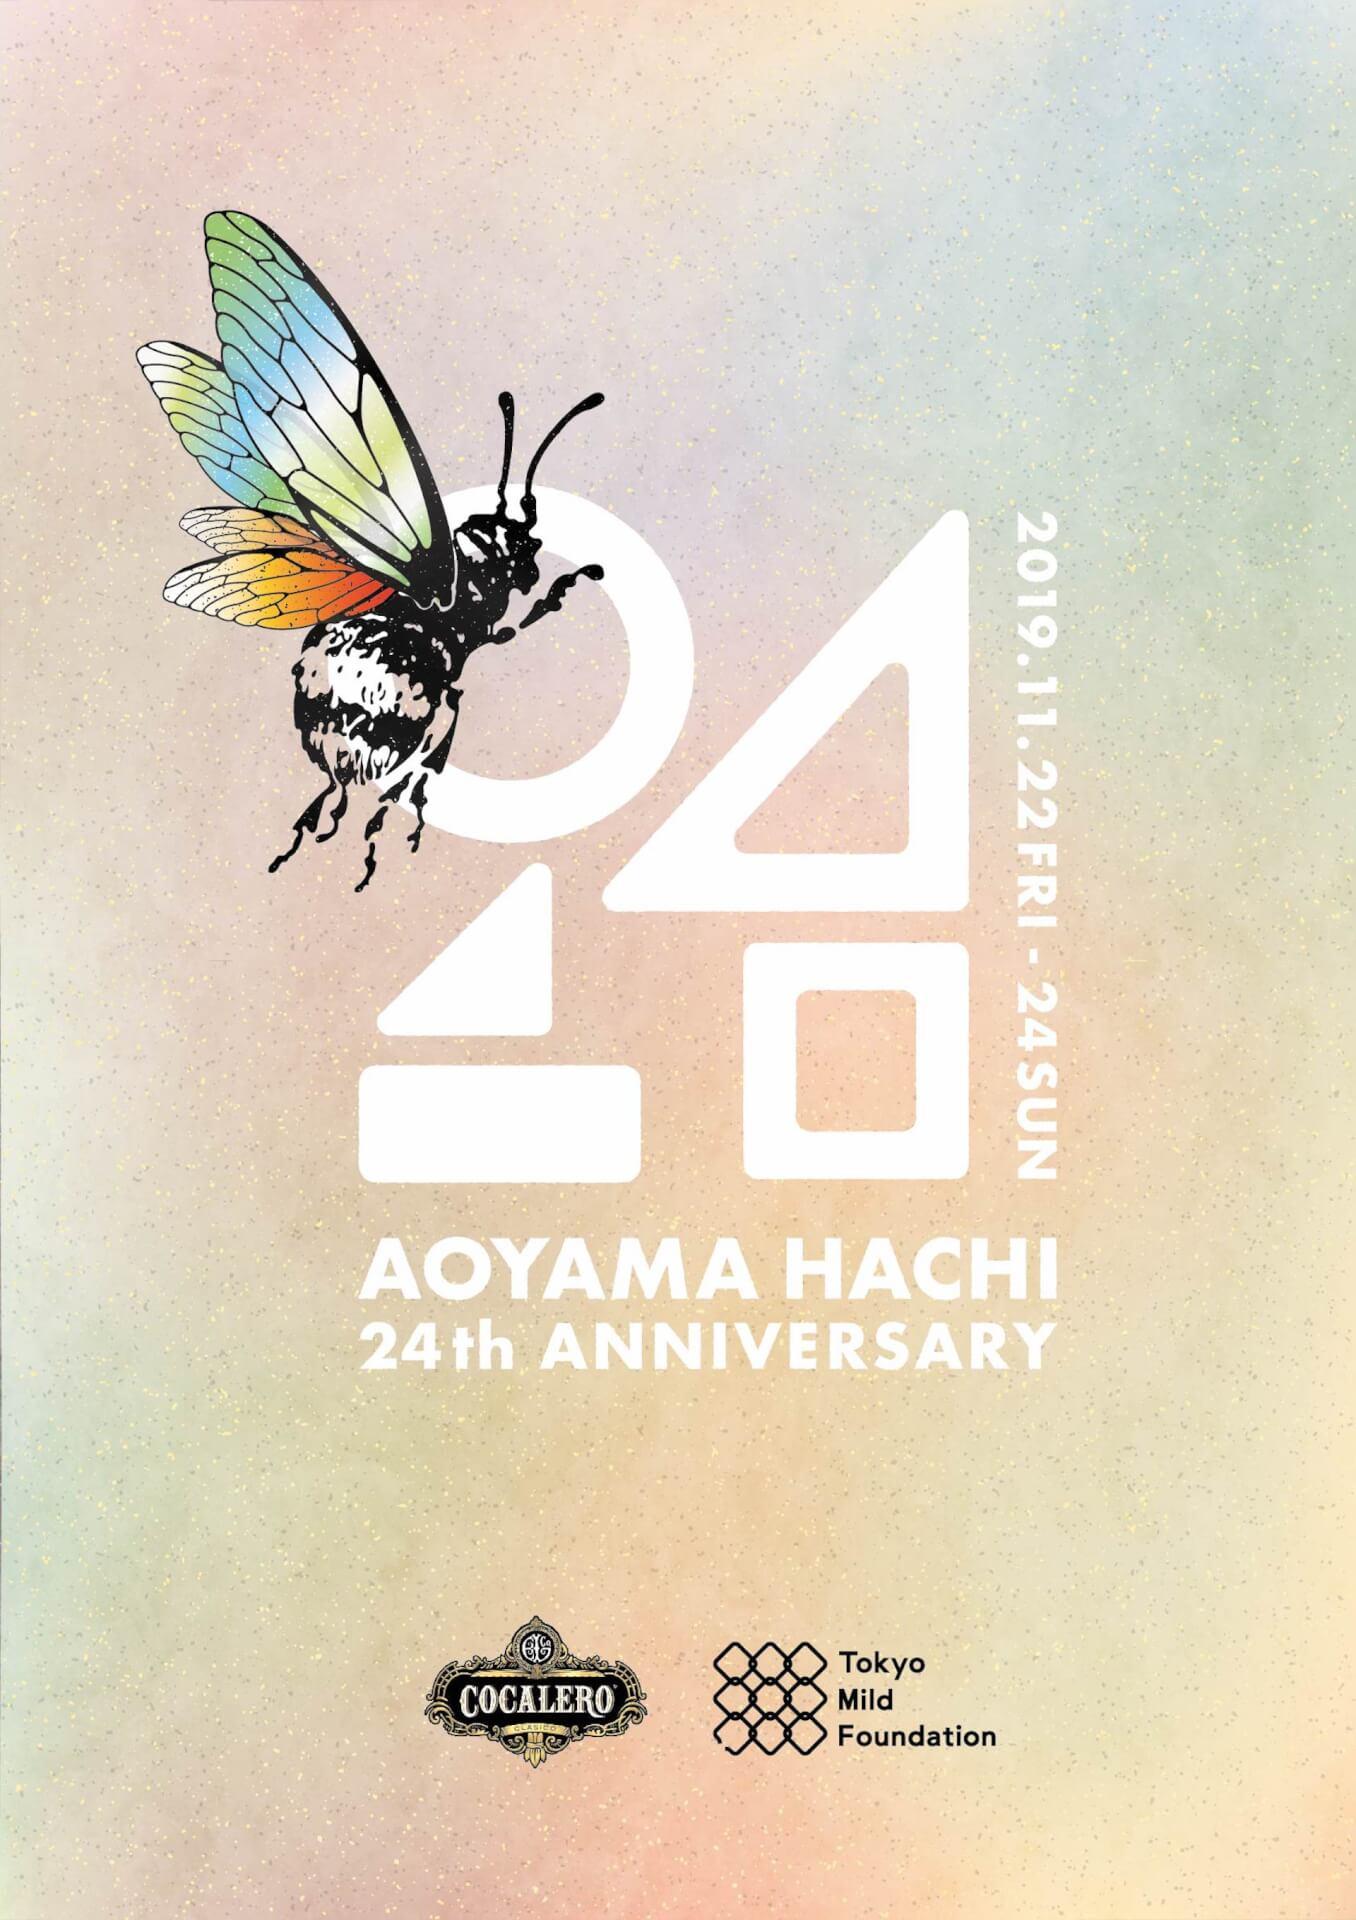 青山蜂が24周年!記念イベントが3日間に渡り開催|DJ KOCO a.k.a. Shimokita、Gonno、Yoshinori Hayashiらが登場 music191030_aoyamahachi_5